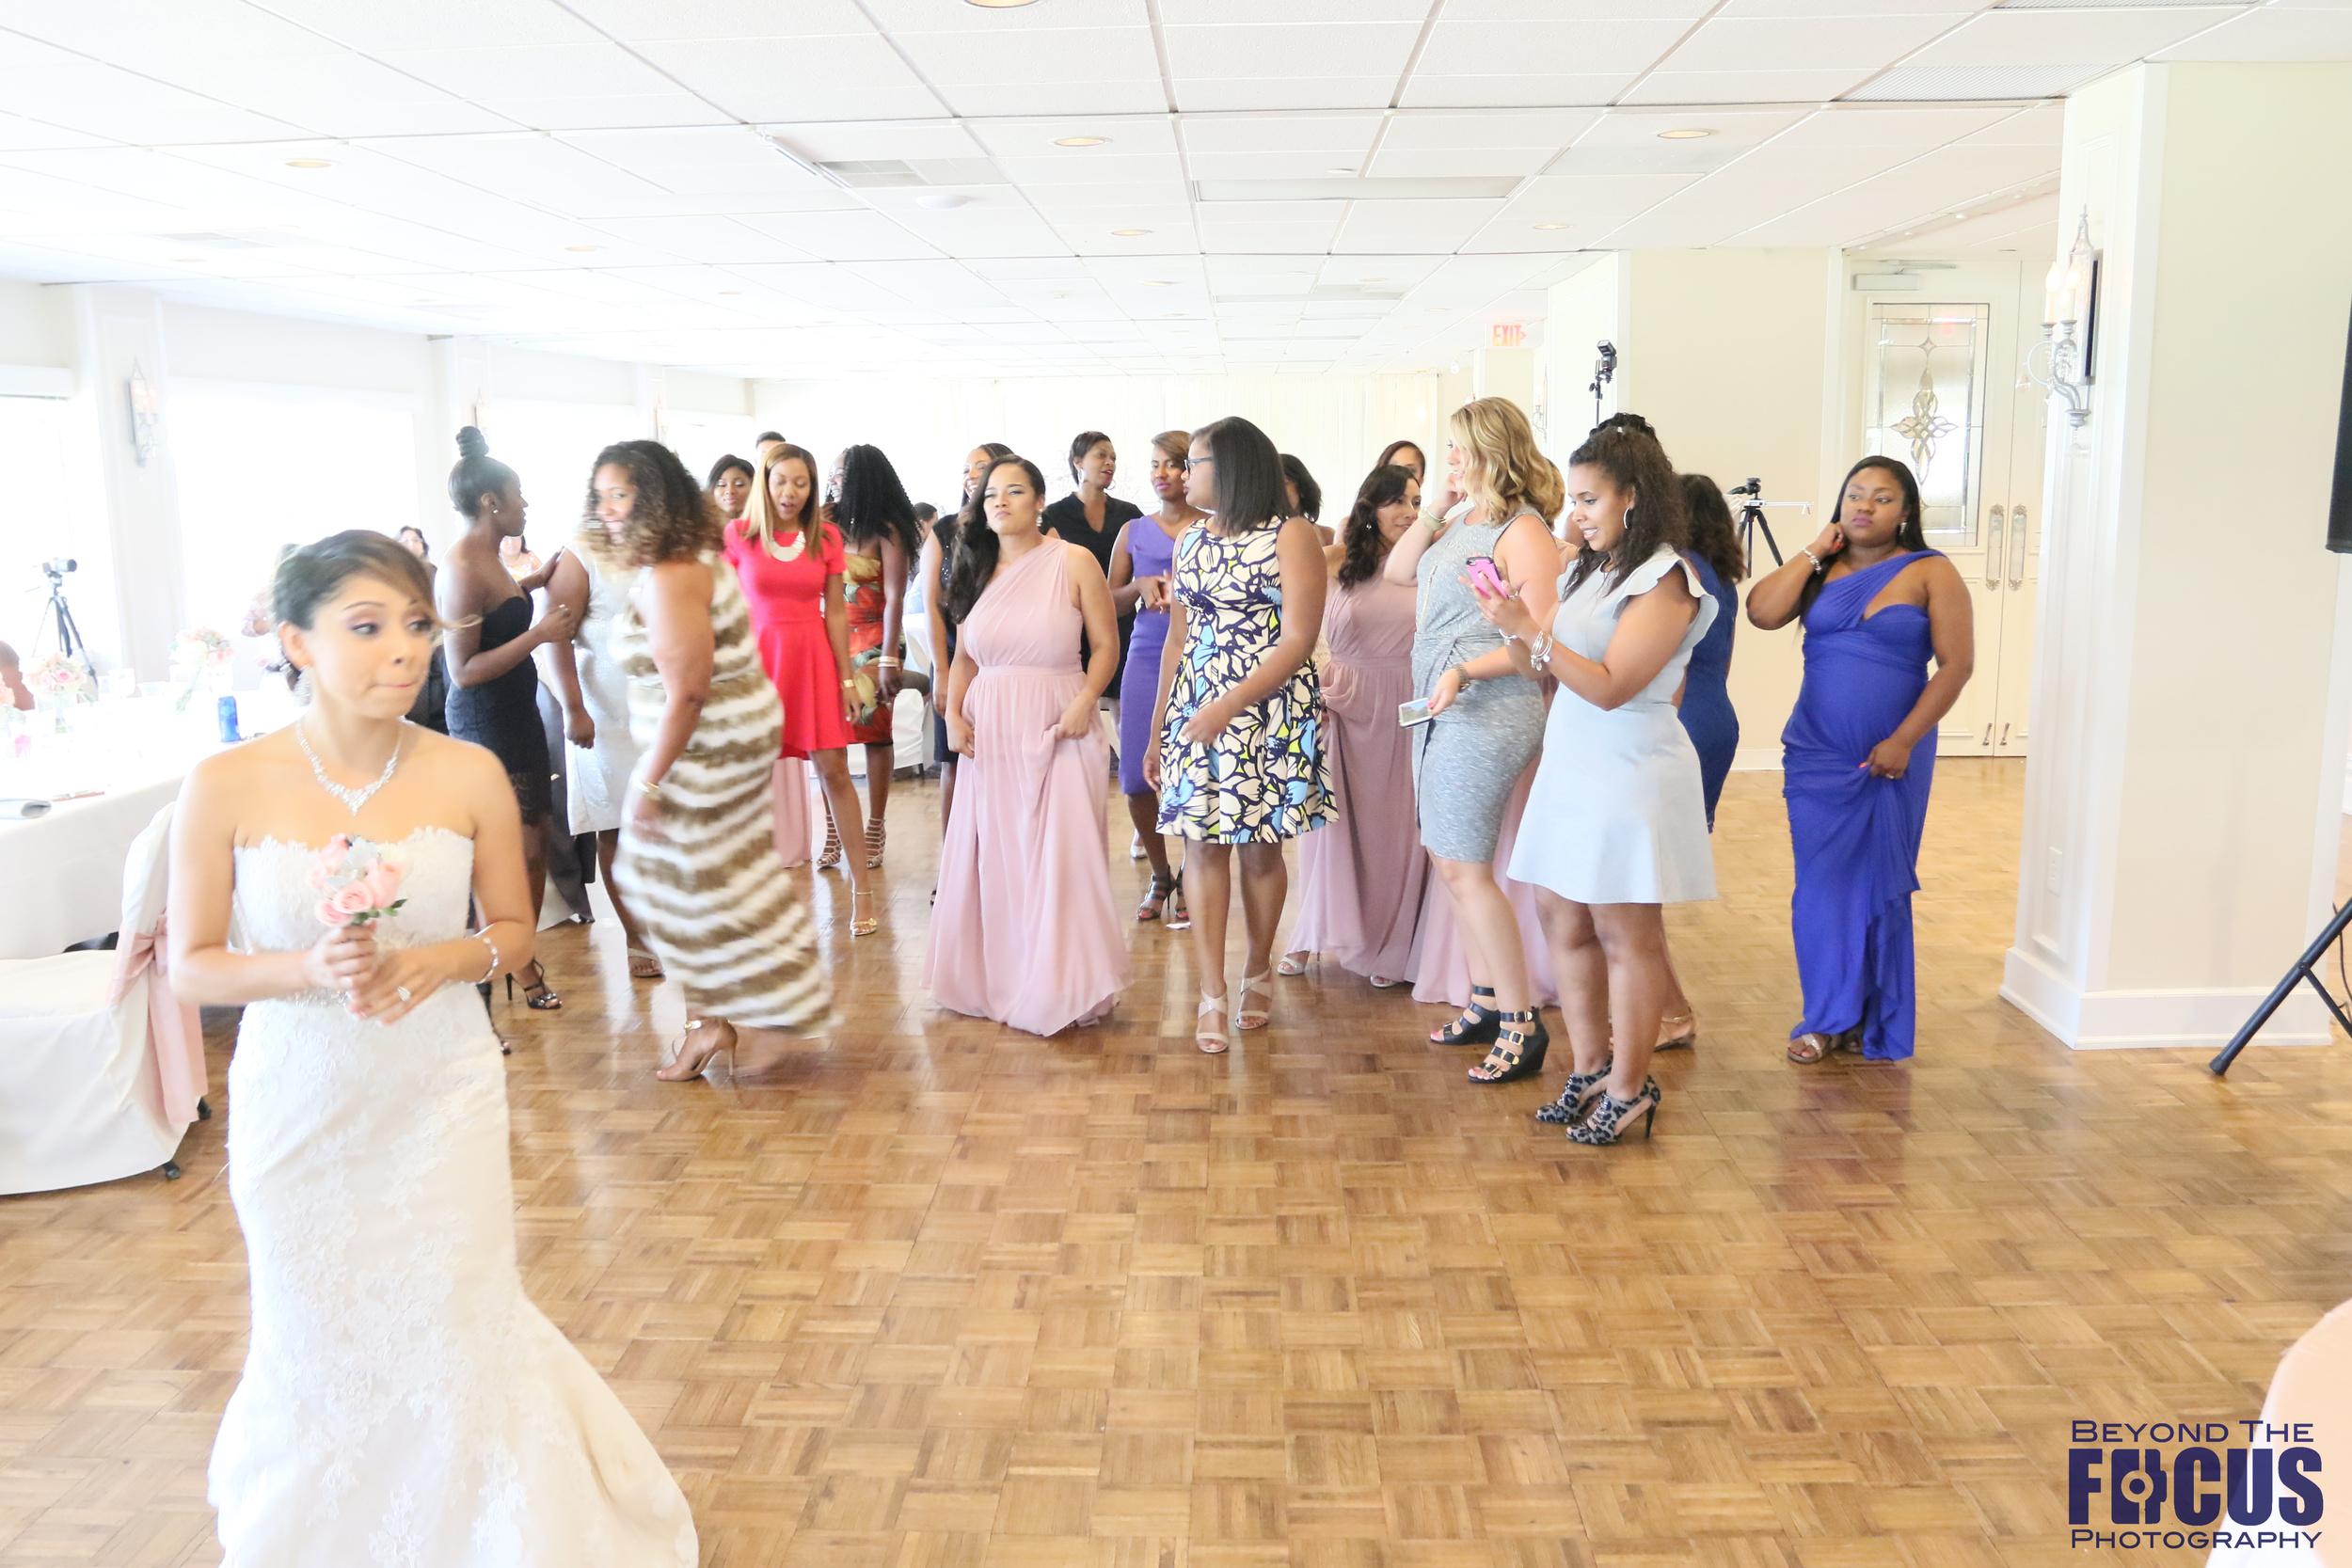 Palmer Wedding - Reception 51.jpg